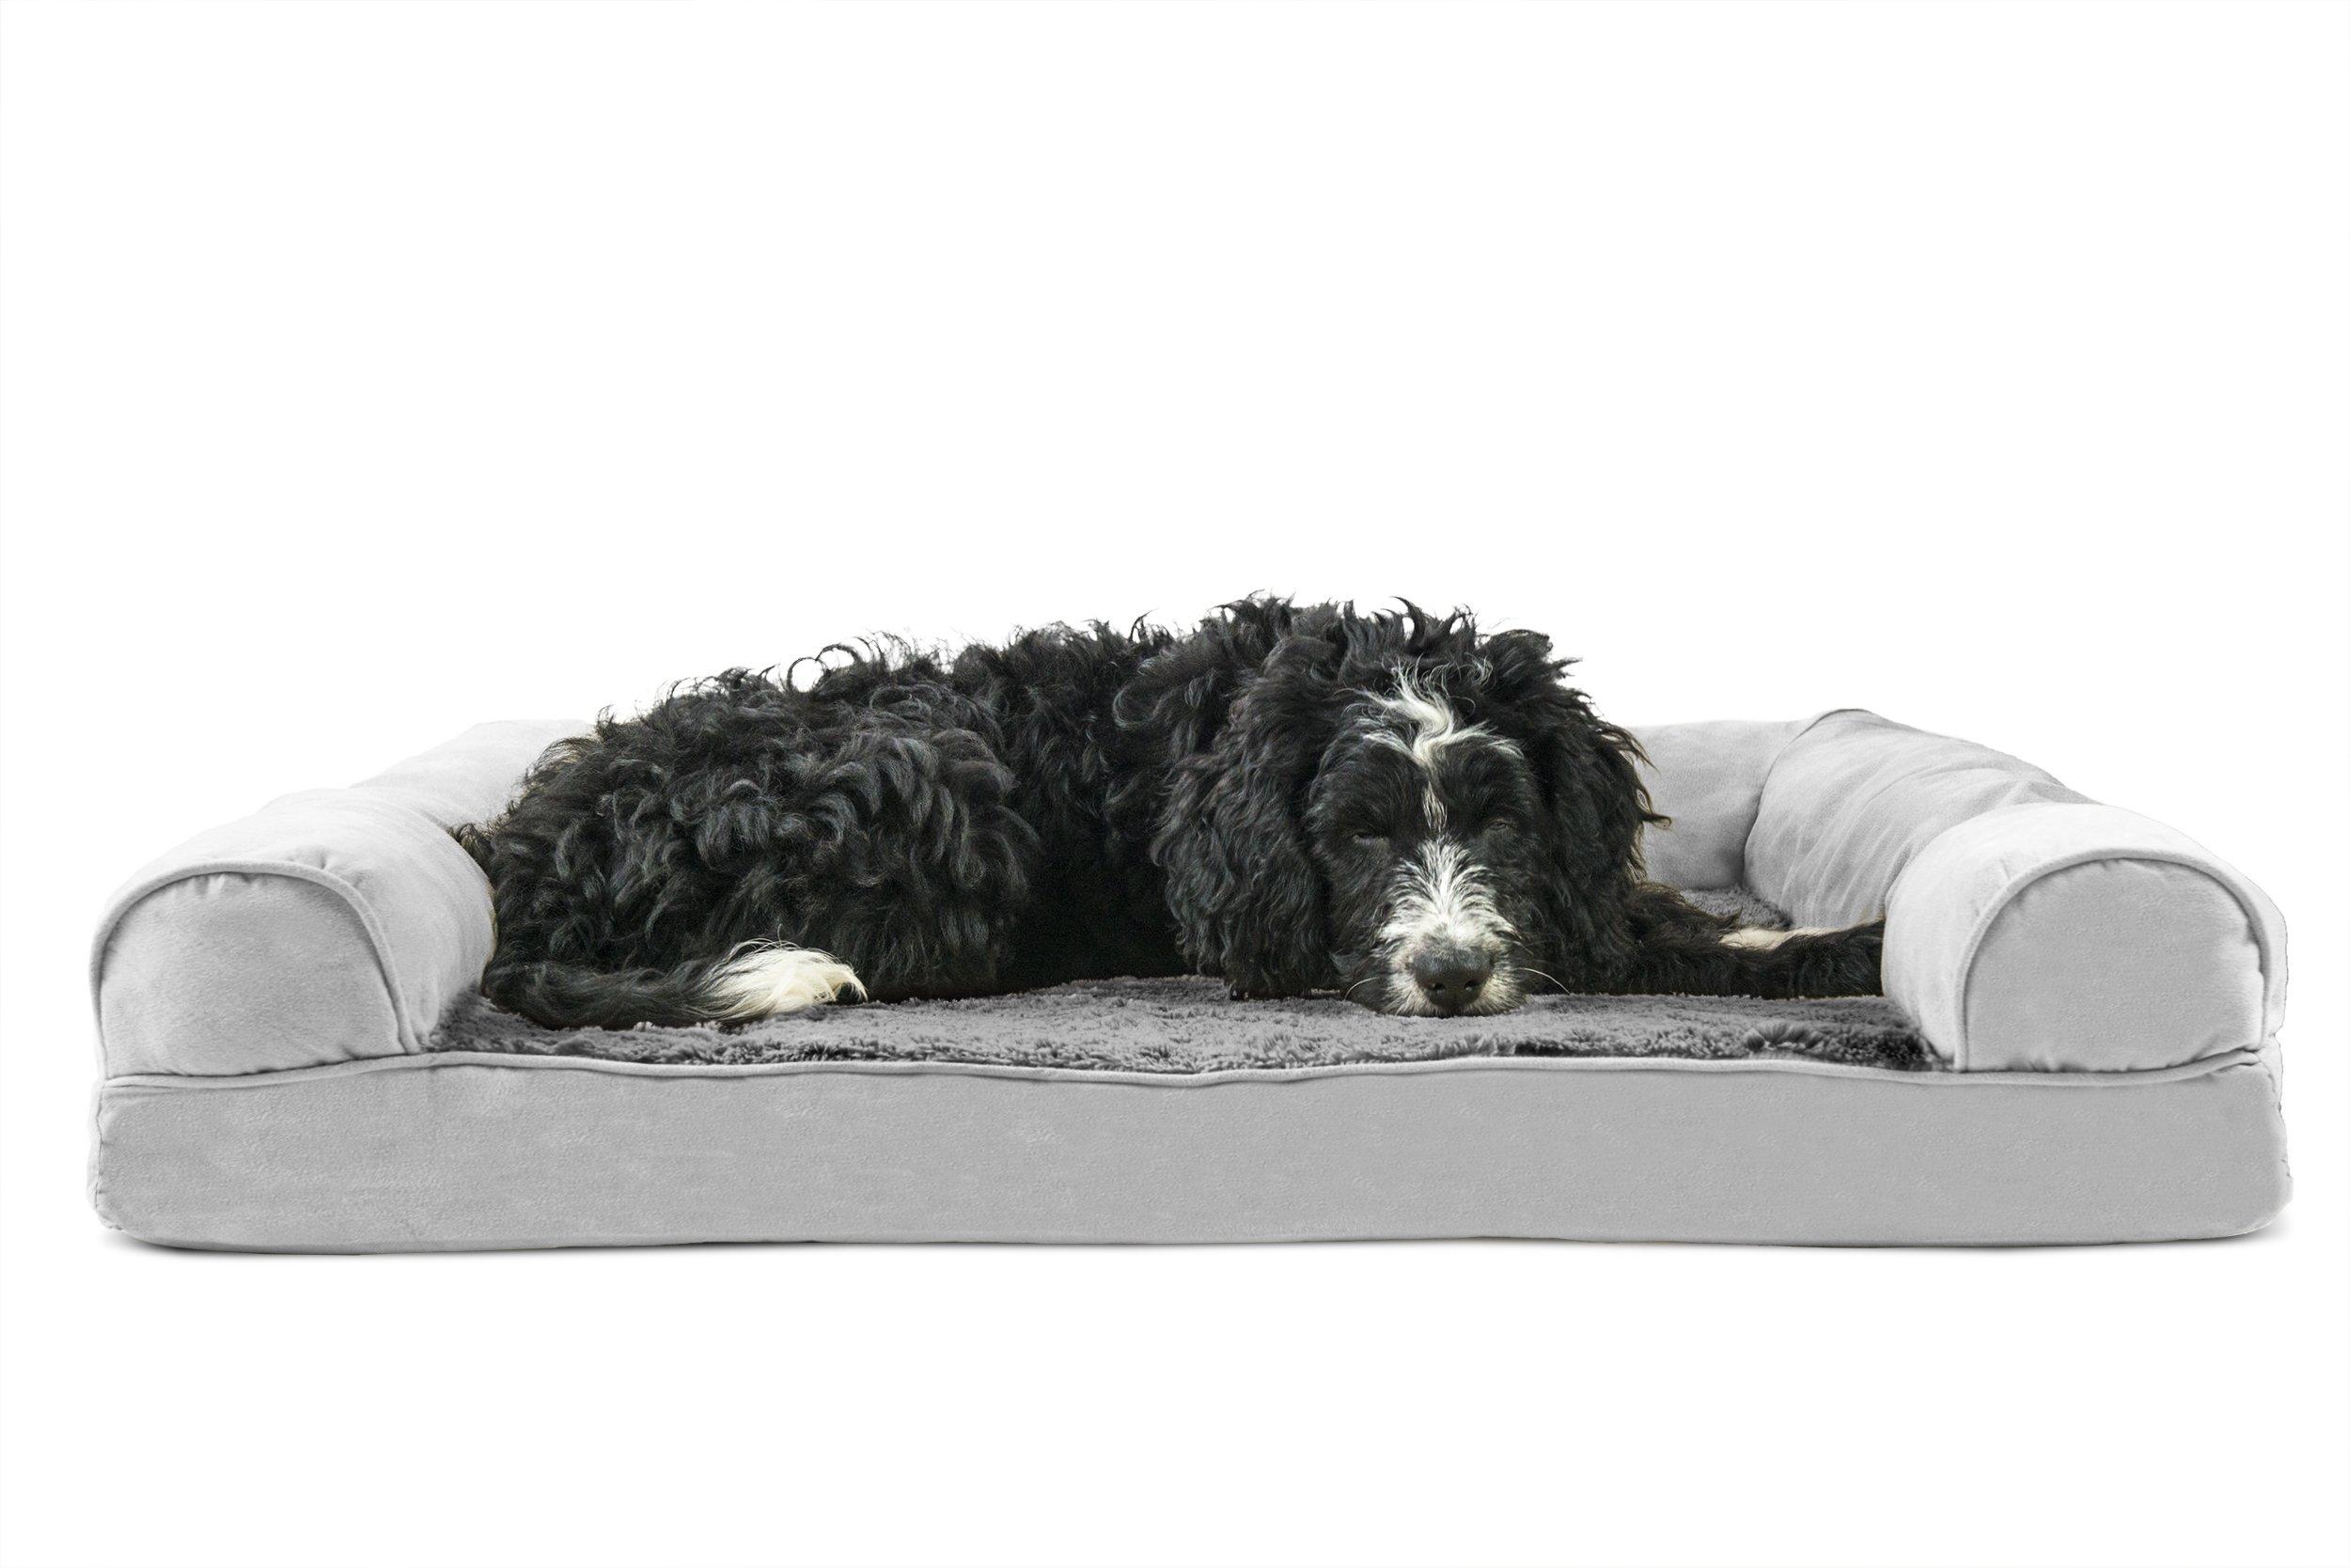 Furhaven Pet Orthopedic Sofa Pet Bed, Large, Gray